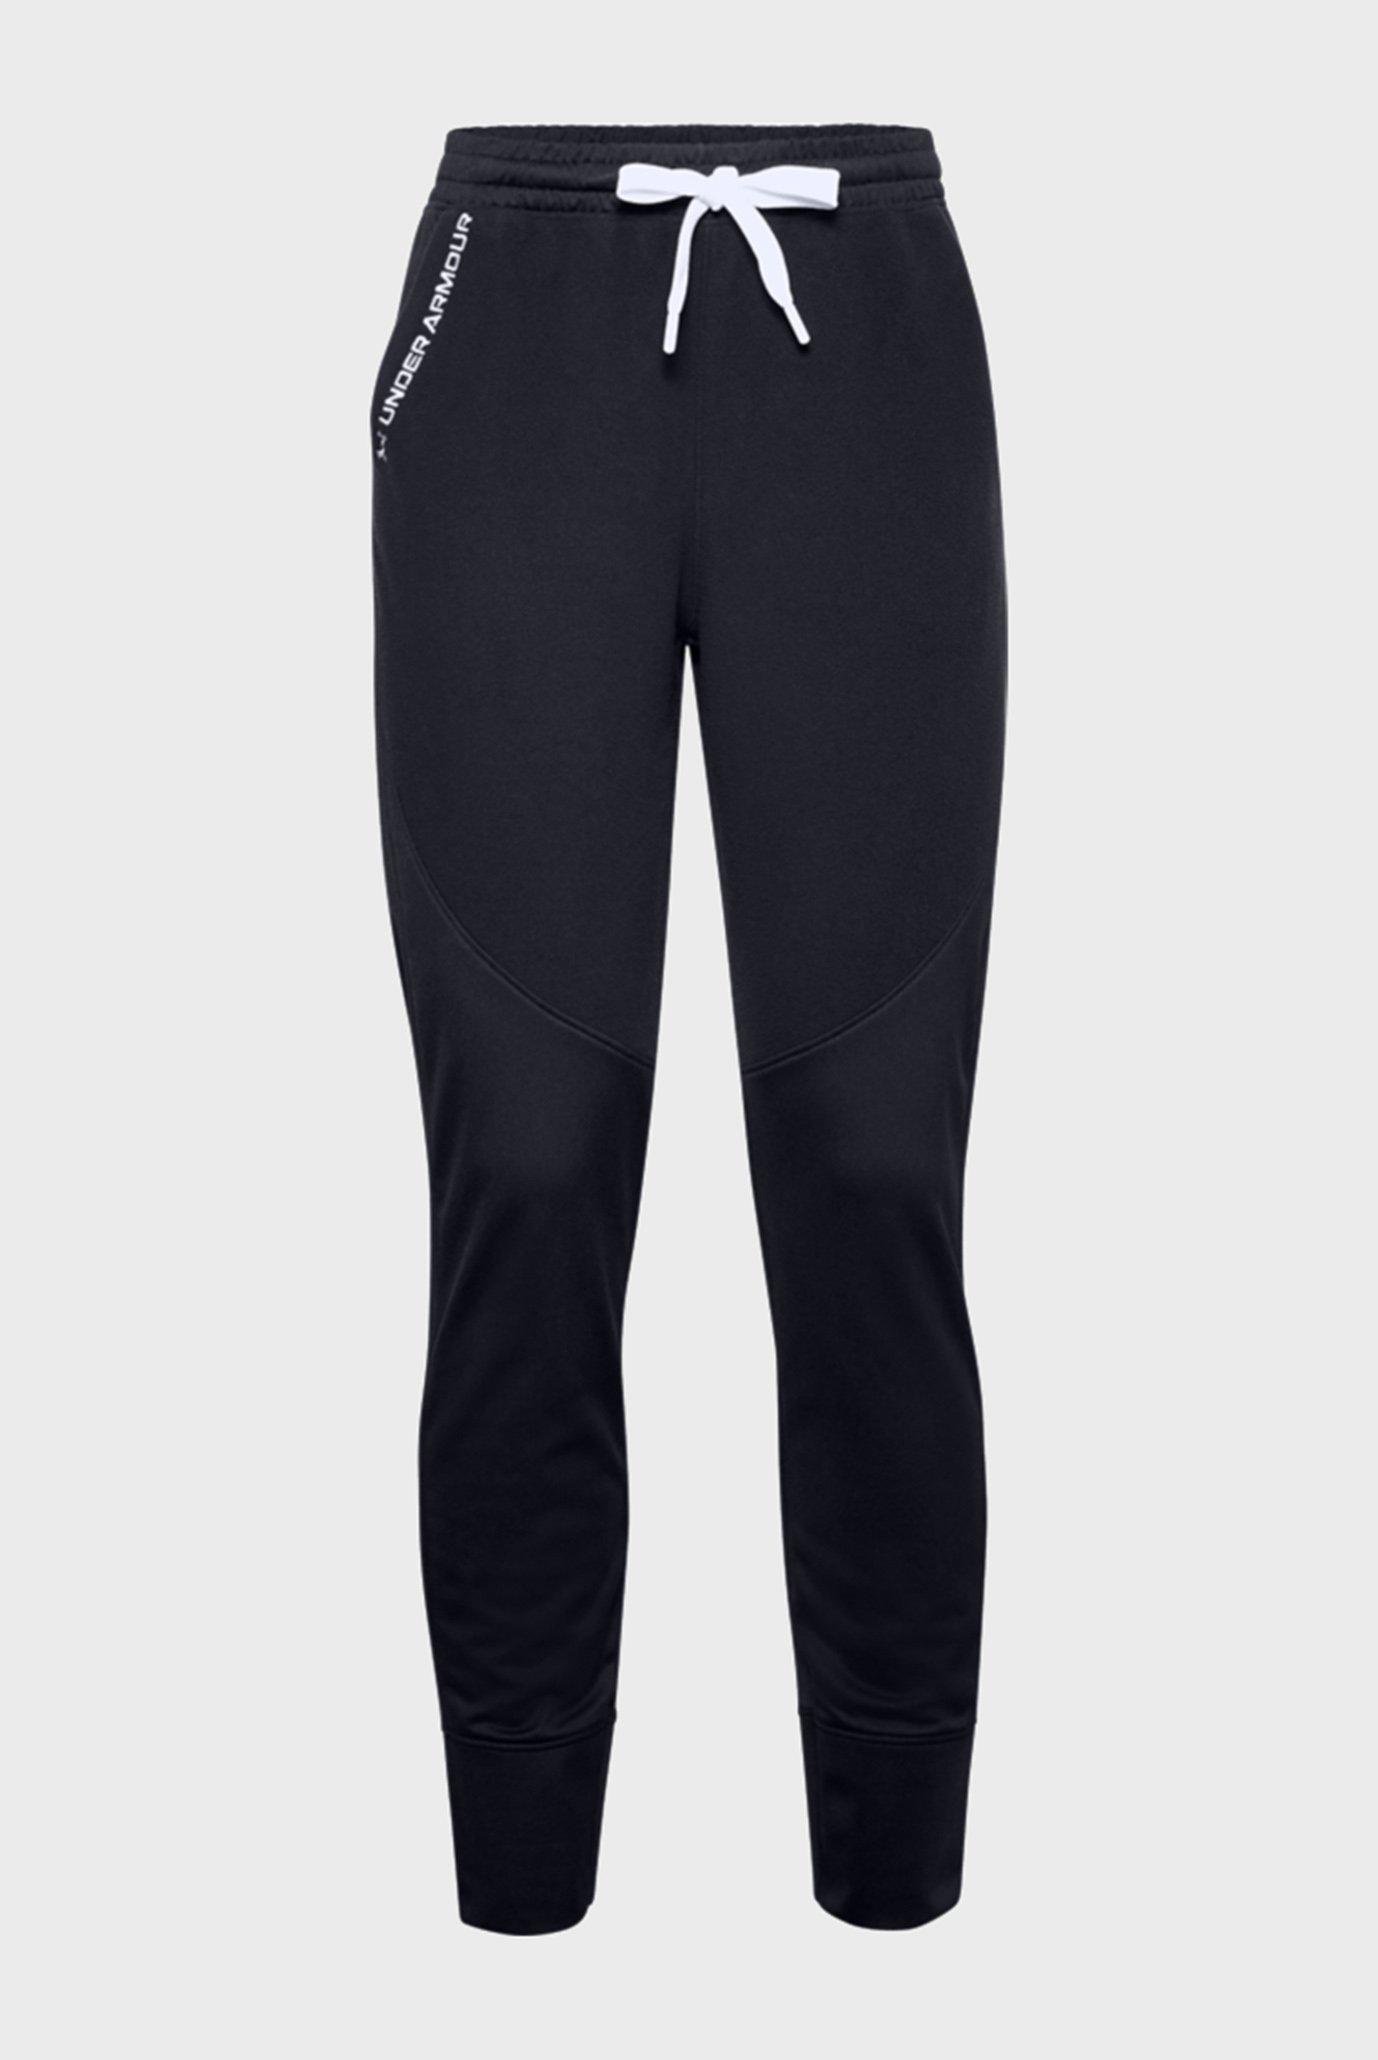 Жіночі чорні спортивні штани Recover Fleece Pants 1